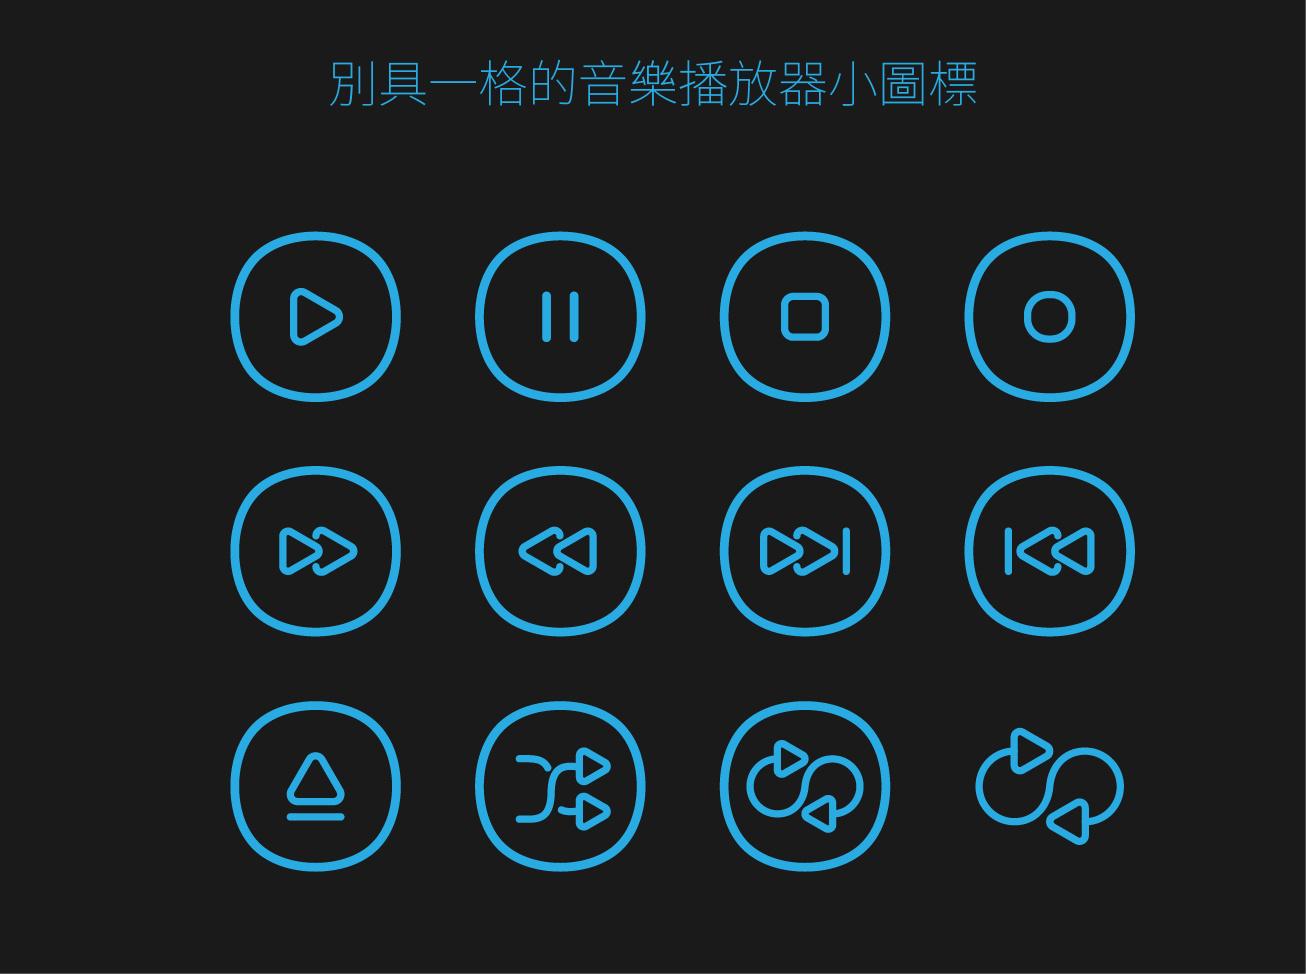 音乐播放器小图标|ui|图标|多彩系123 - 原创作品图片